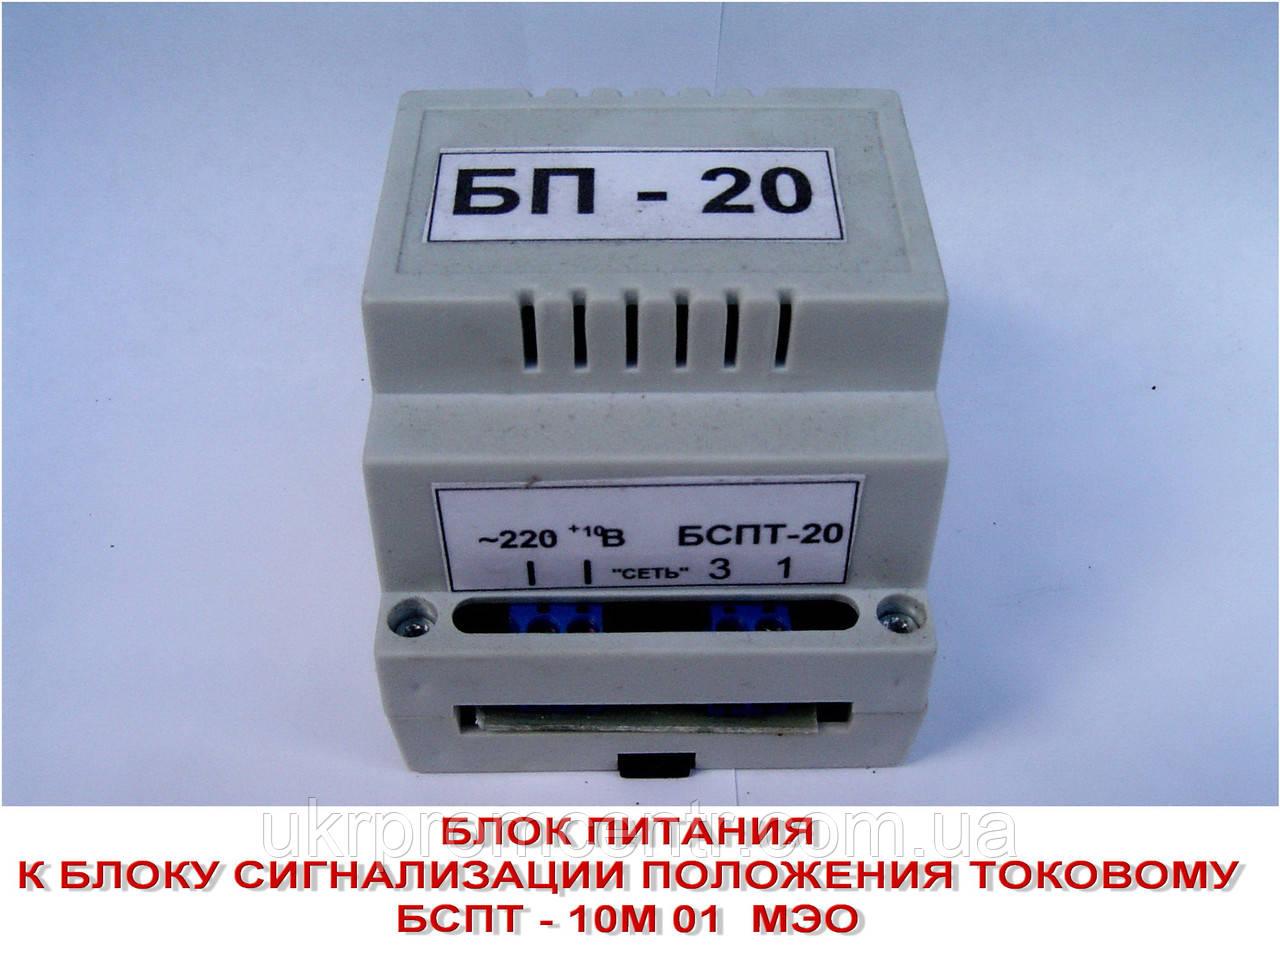 Блок питания БП-20 на Дин-рейке